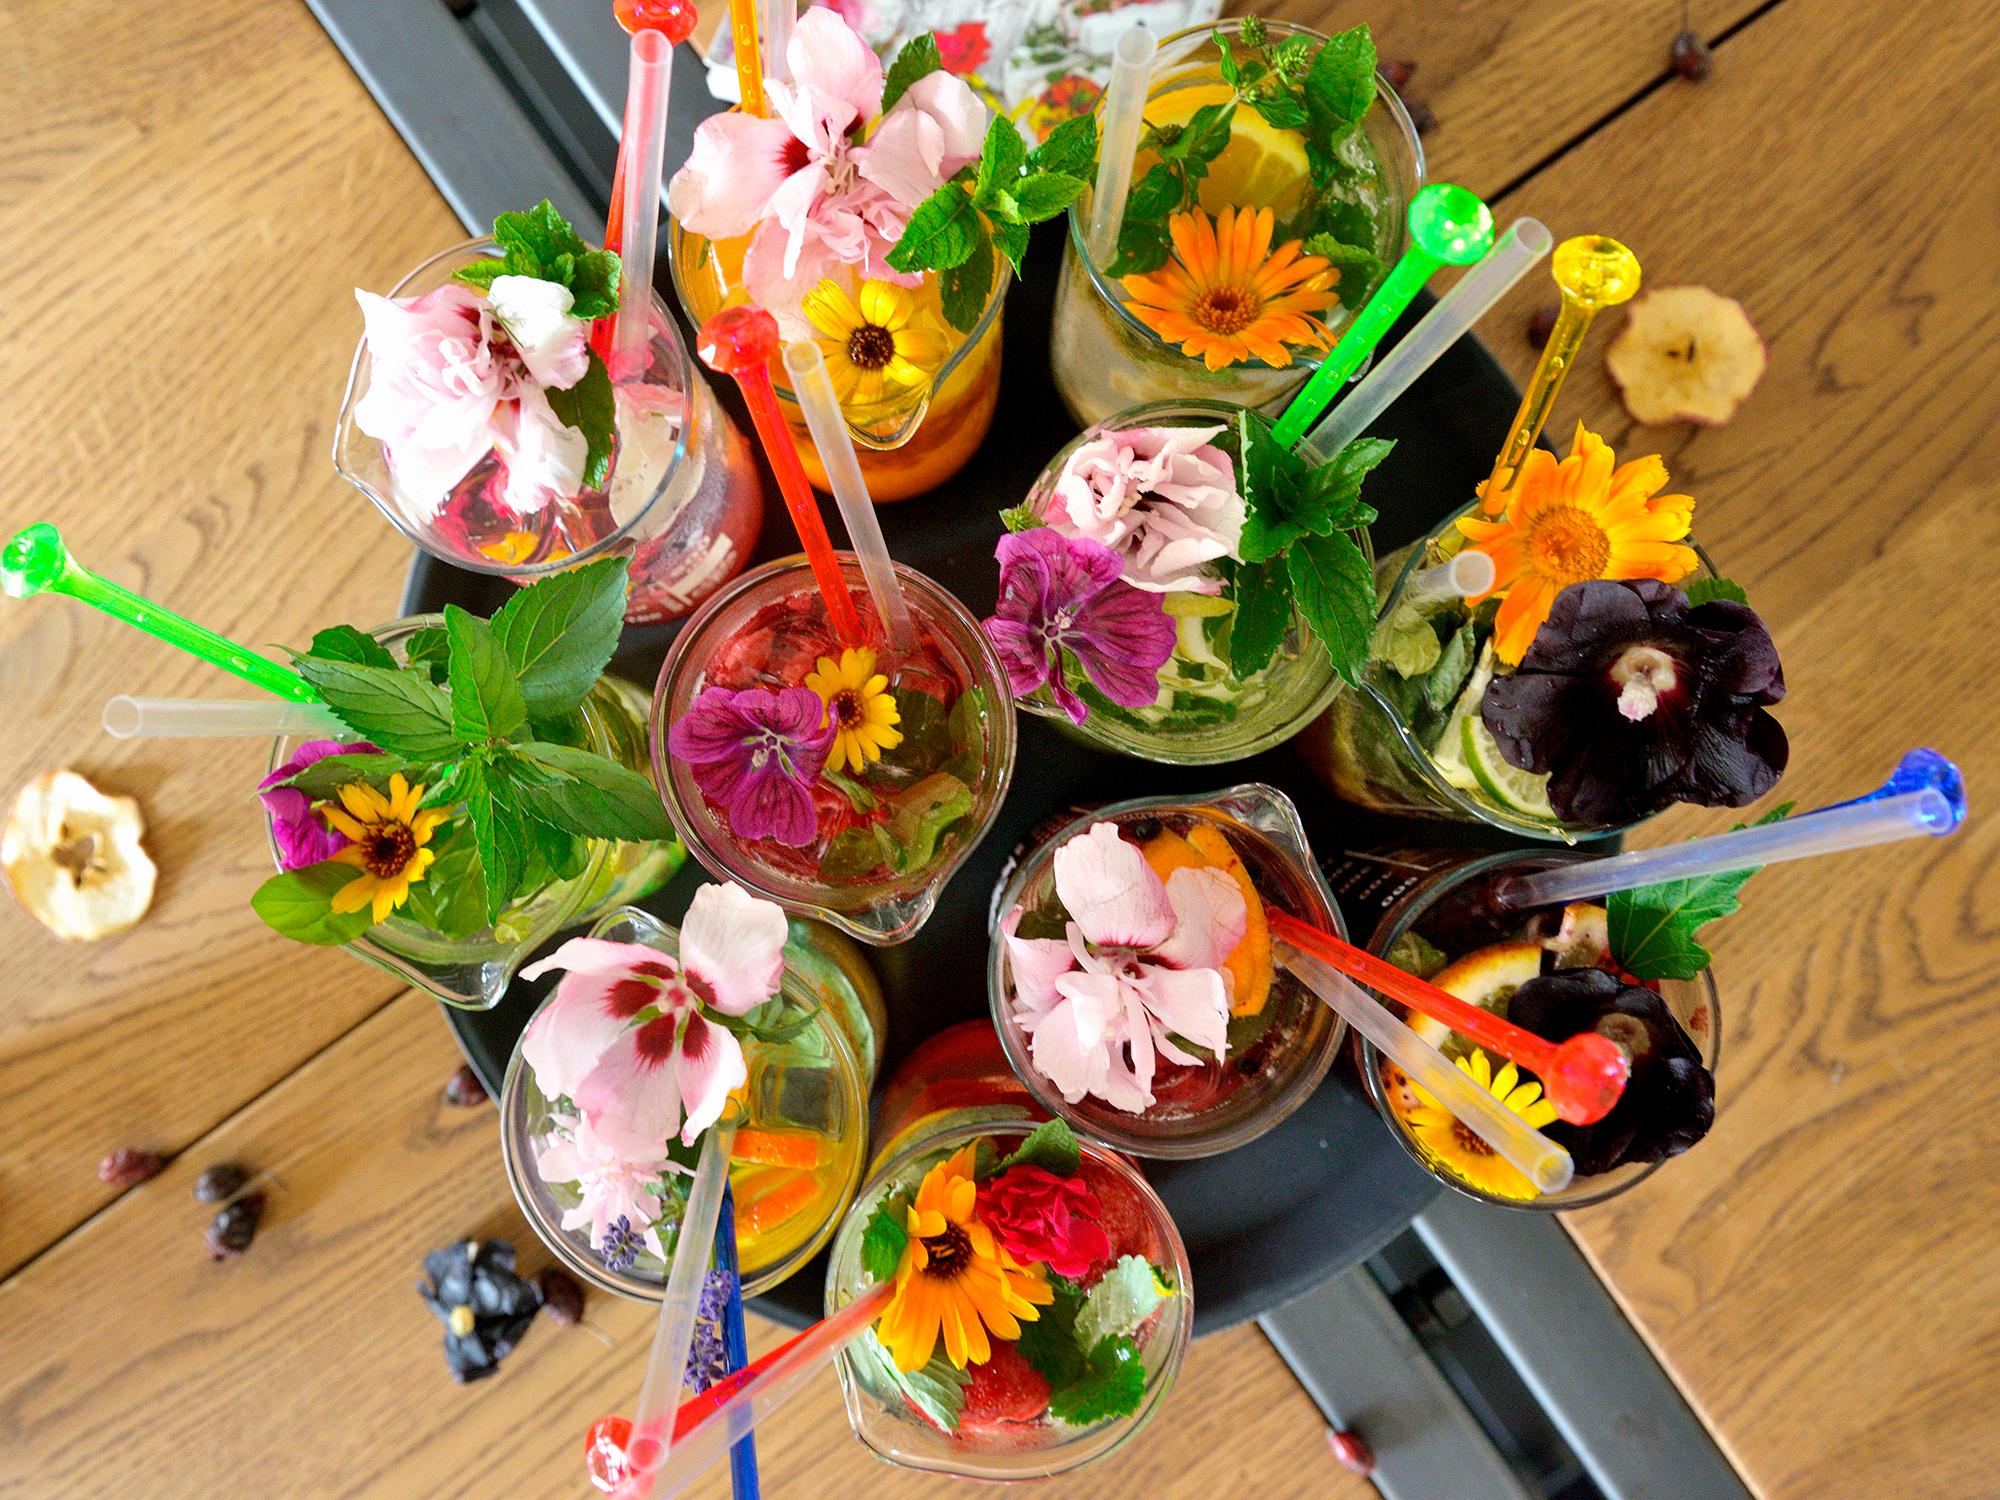 Rozkvetlý talíř aneb květy, které chutnají